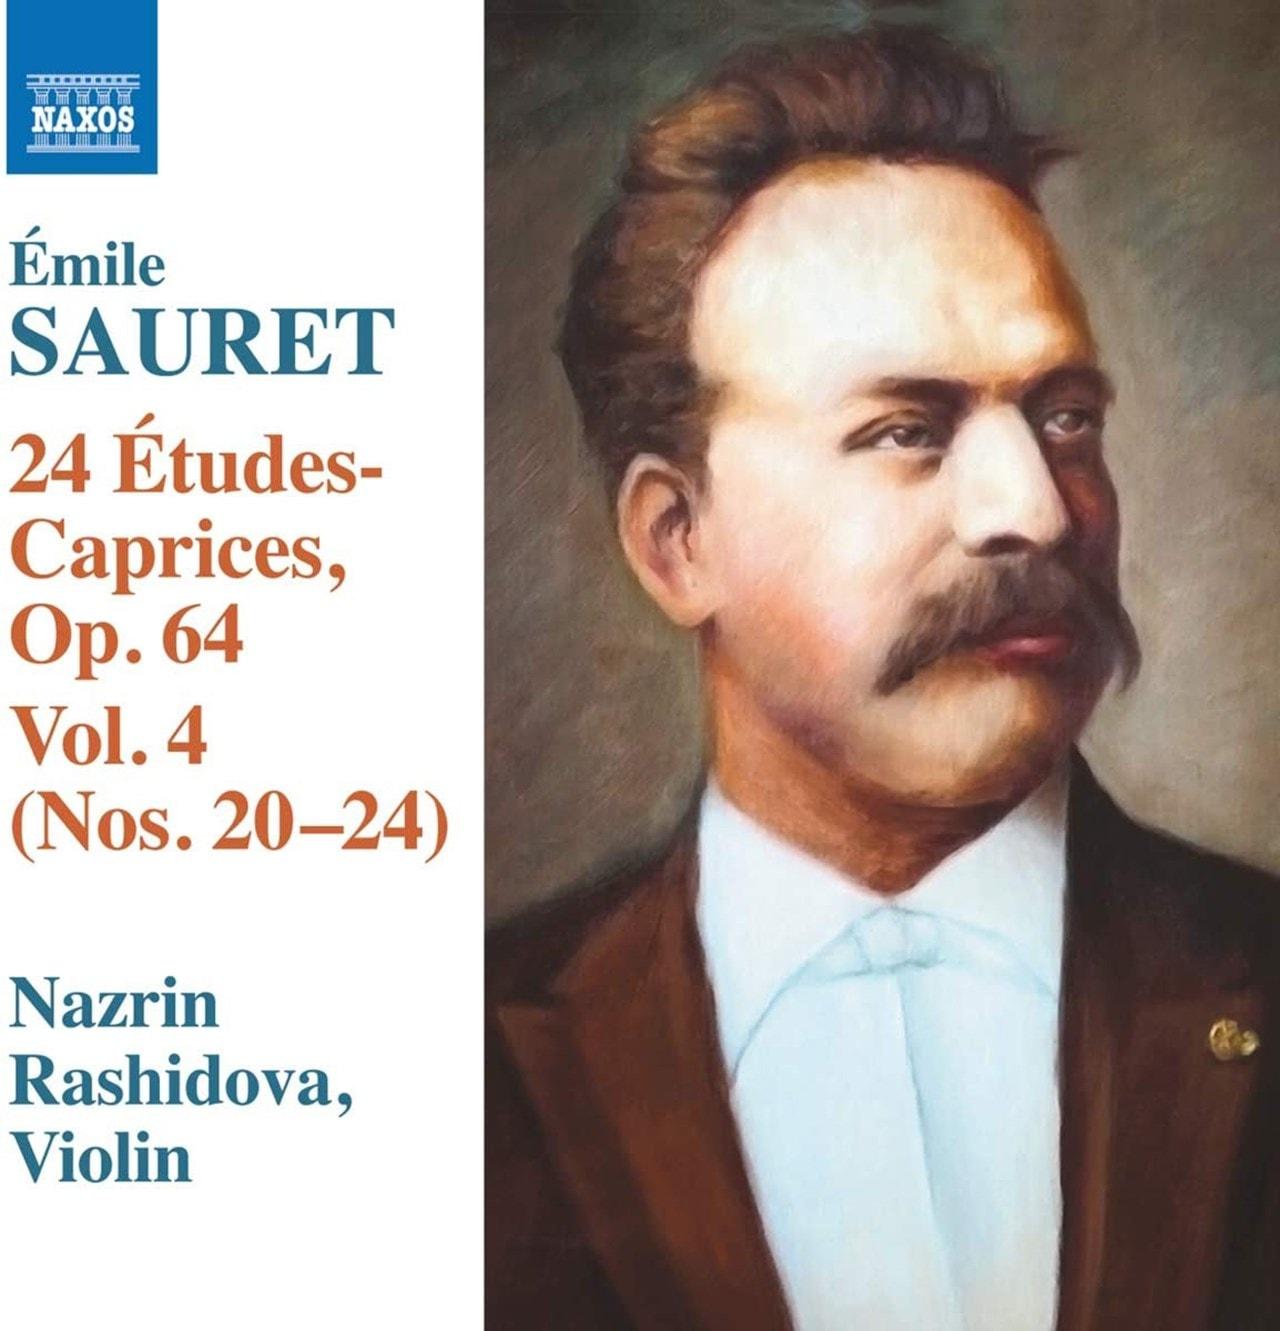 Emile Sauret: 24 Etudes-Caprices, Op. 64: Nos. 20-24 - Volume 4 - 1